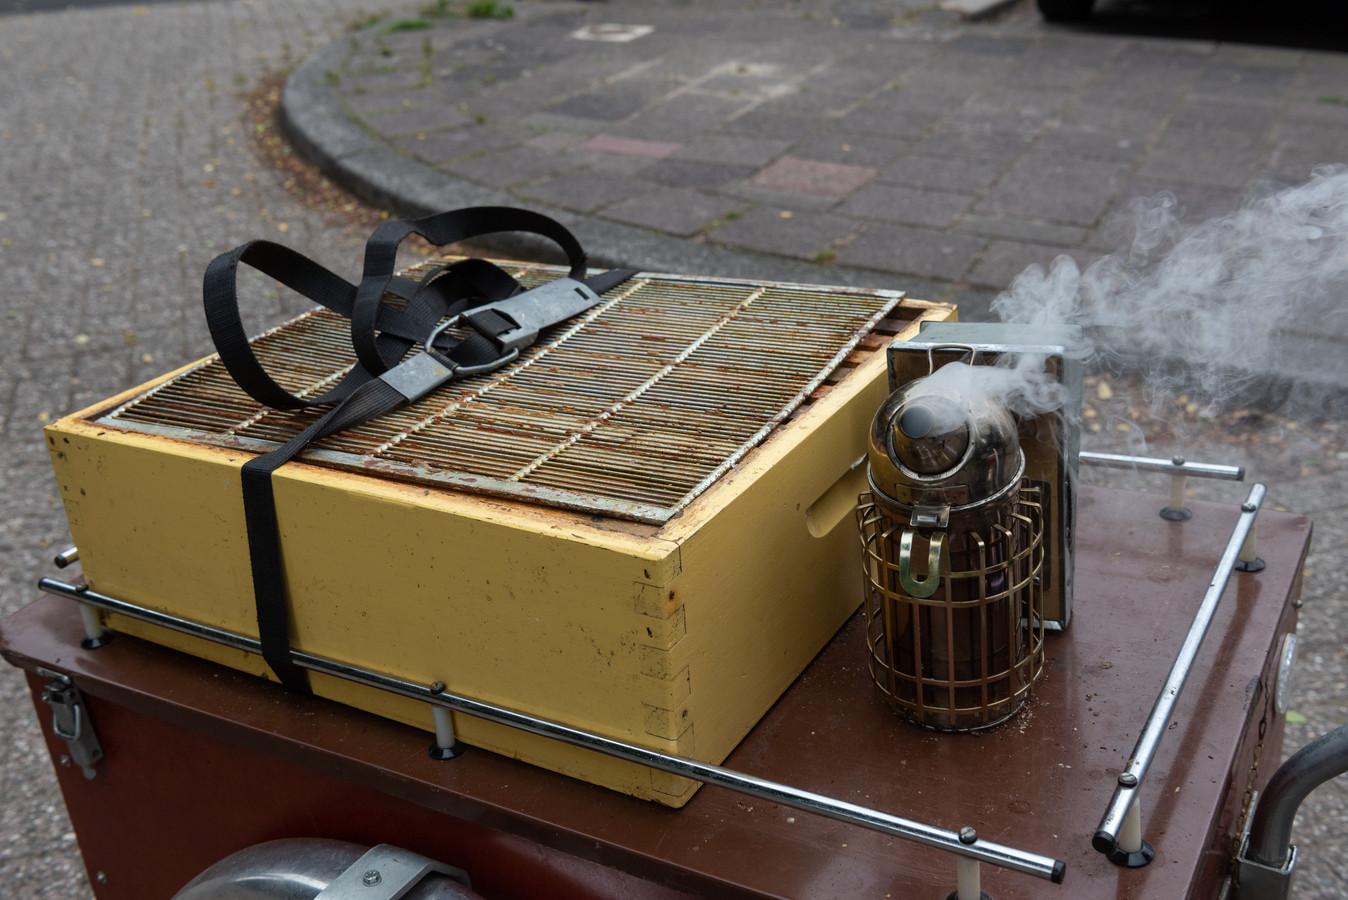 Een extra honingkamer mee op de fietskar om op het bijenvolk te zetten. De roker met tabak staat voor gebruik gereed.